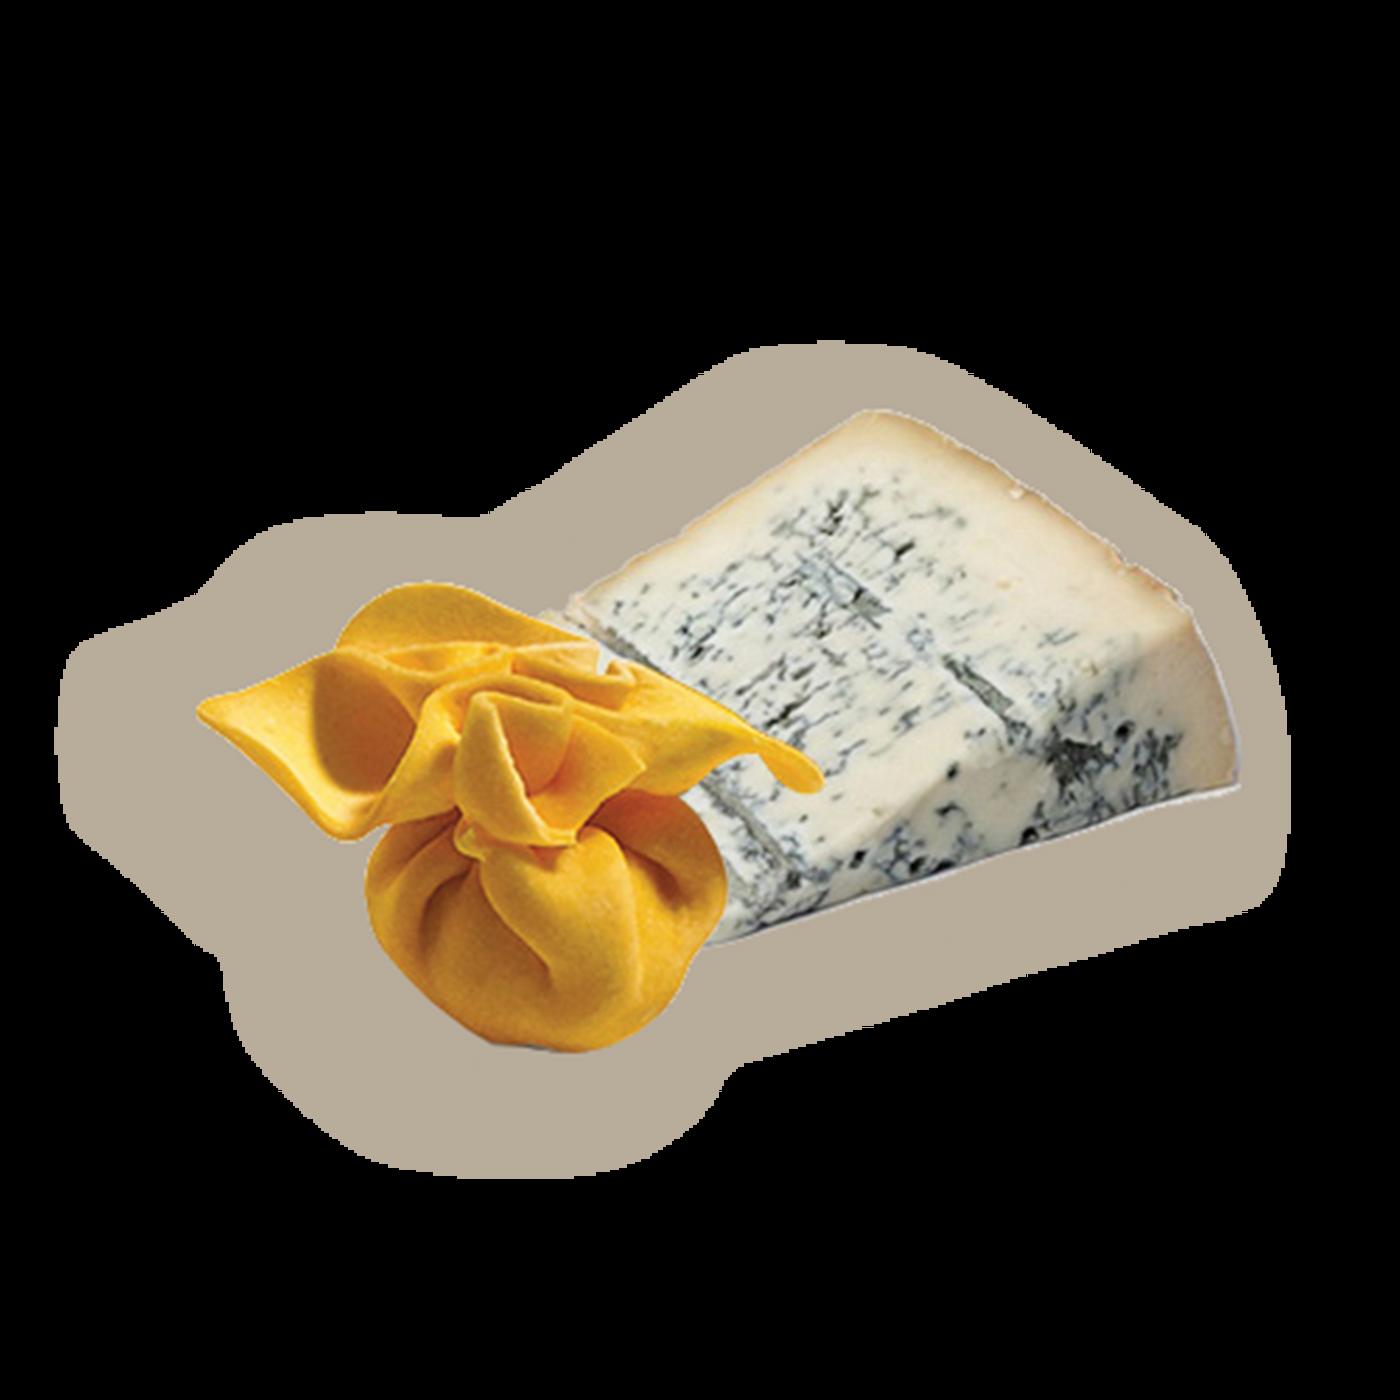 Fiocchetti de gorgonzola